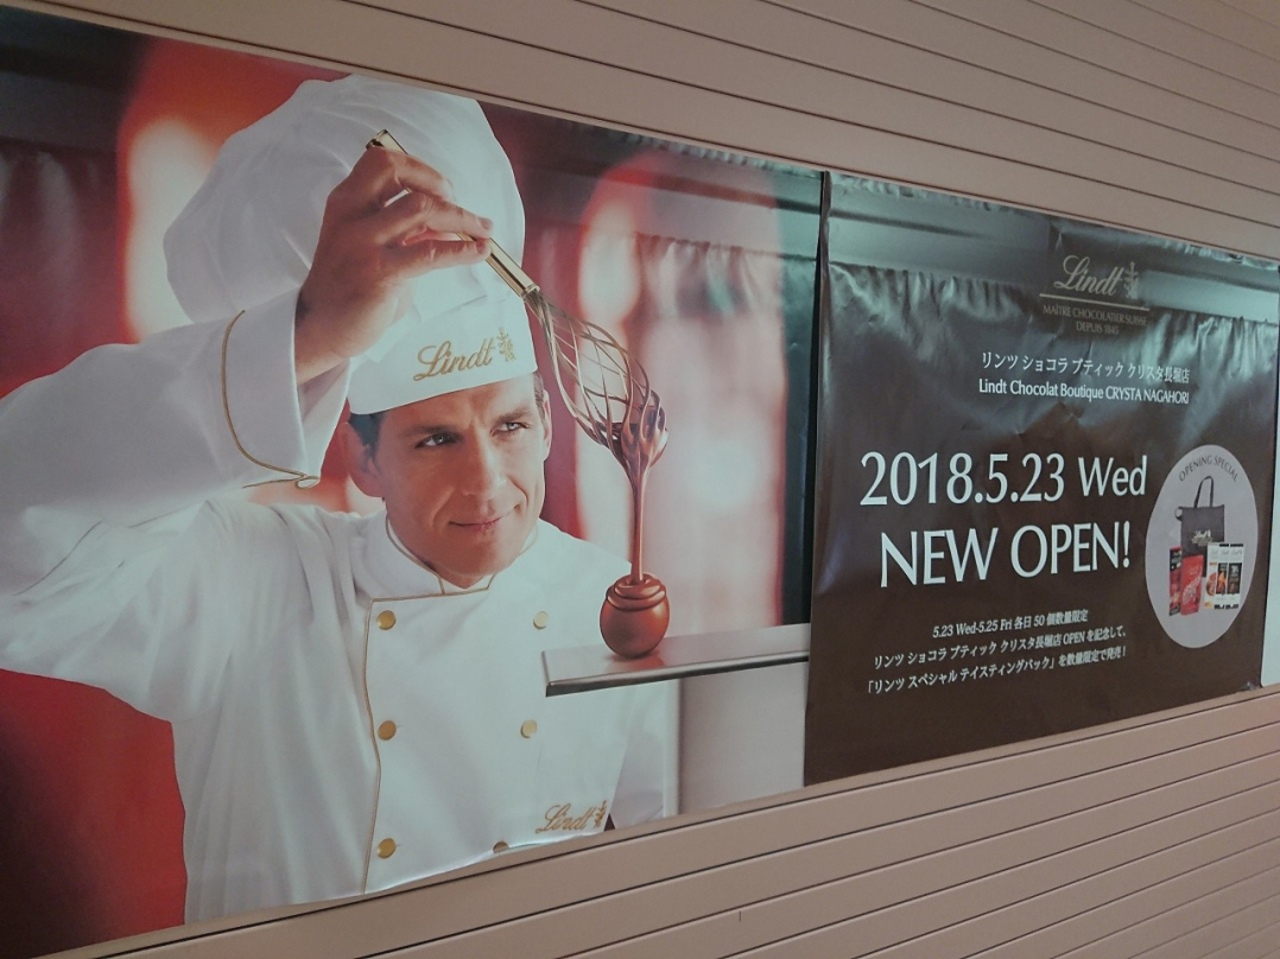 5月23日チョコレート専門店「リンツ ショコラ ブティック クリスタ長堀店」がオープン!